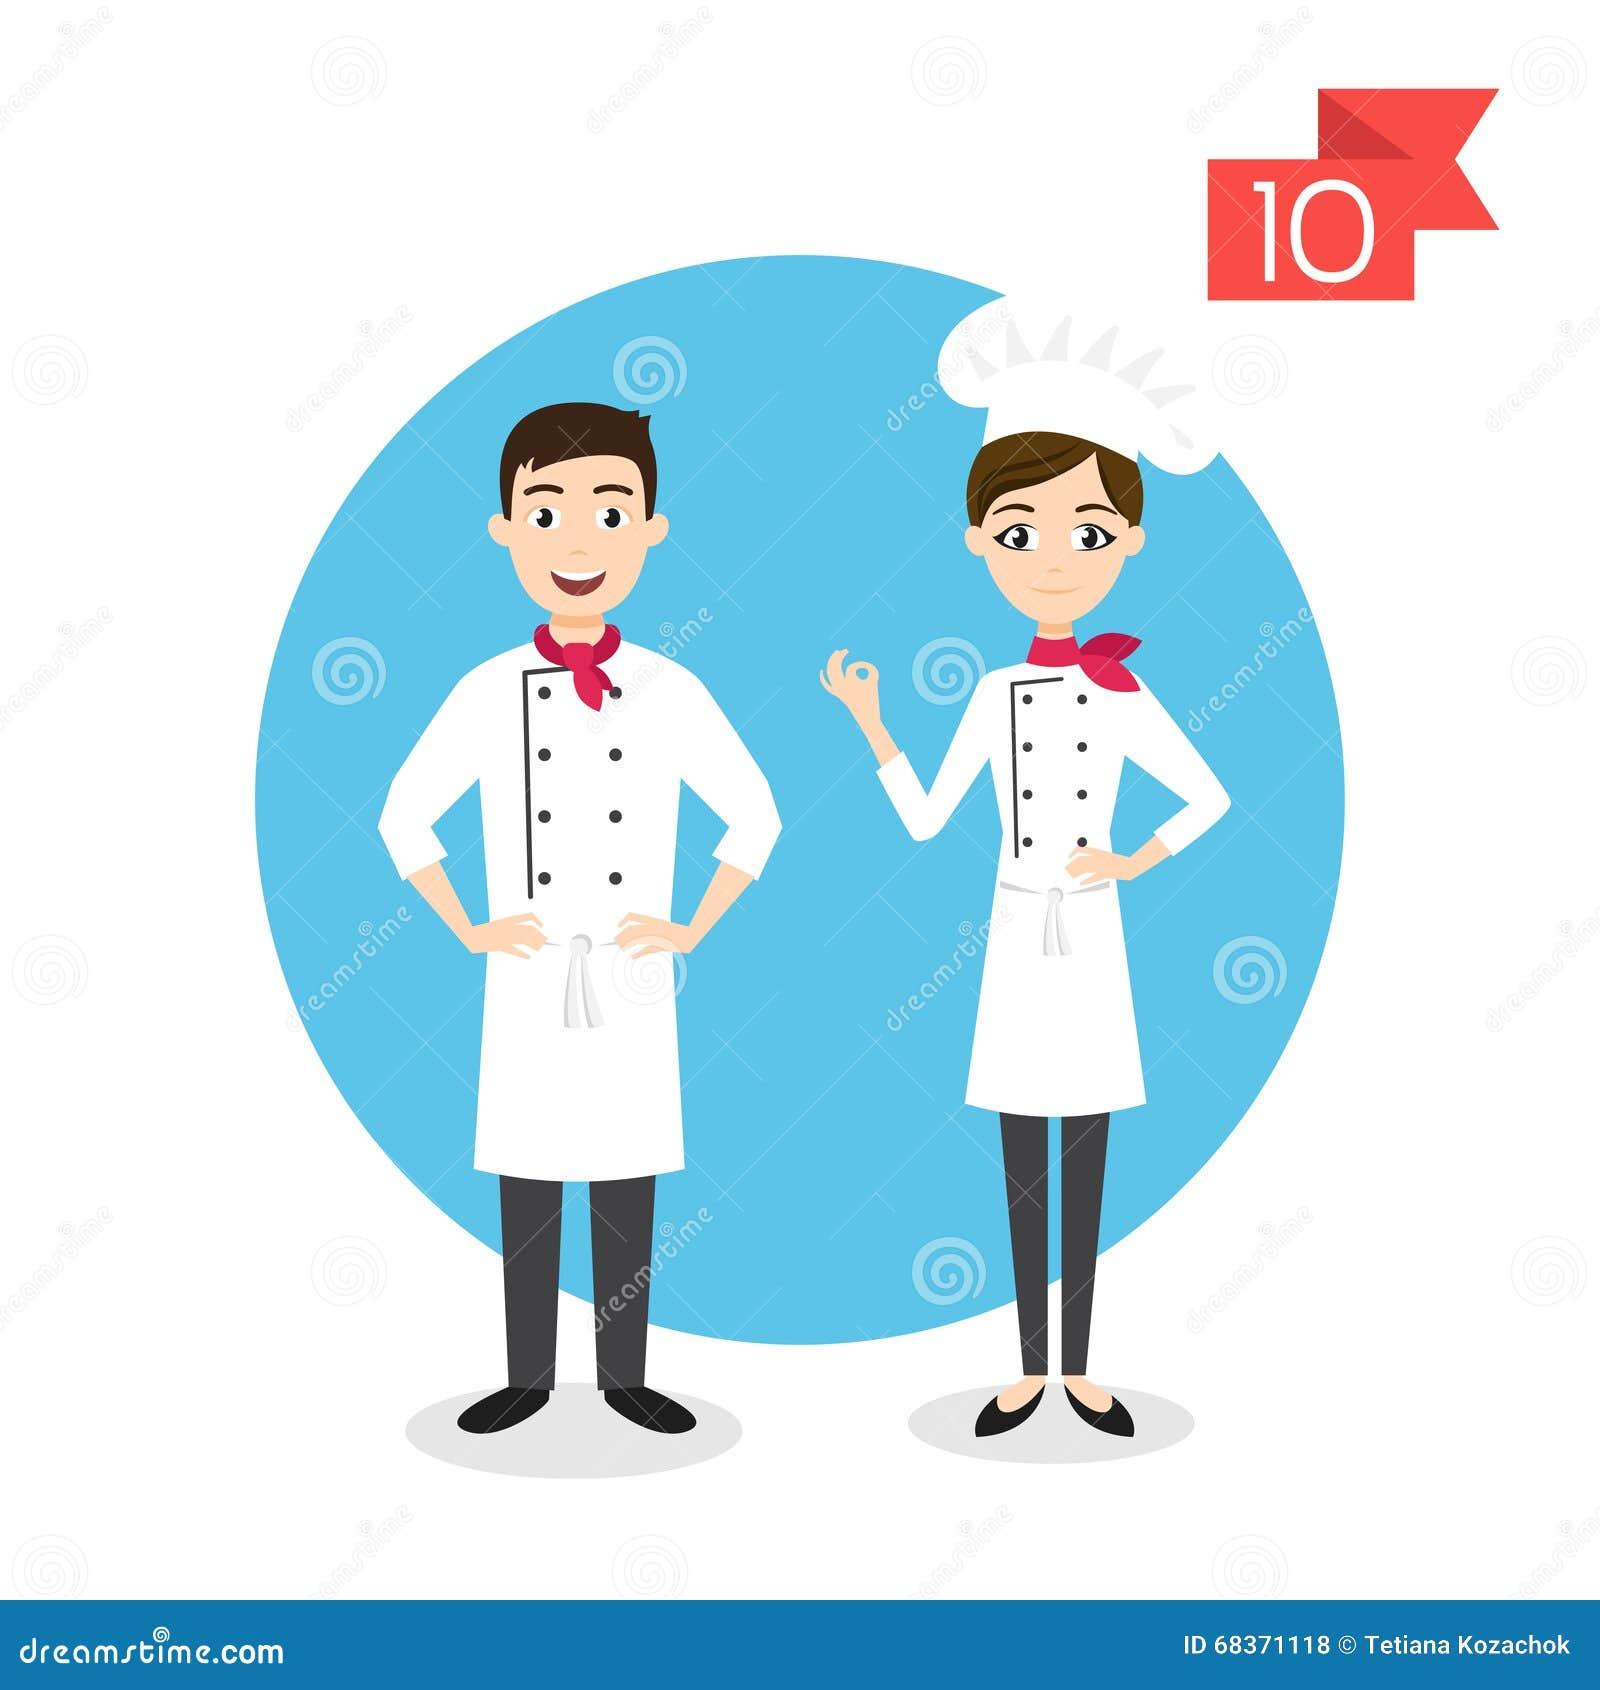 Caractères De Profession Homme Et Femme Cuisinier Illustration De